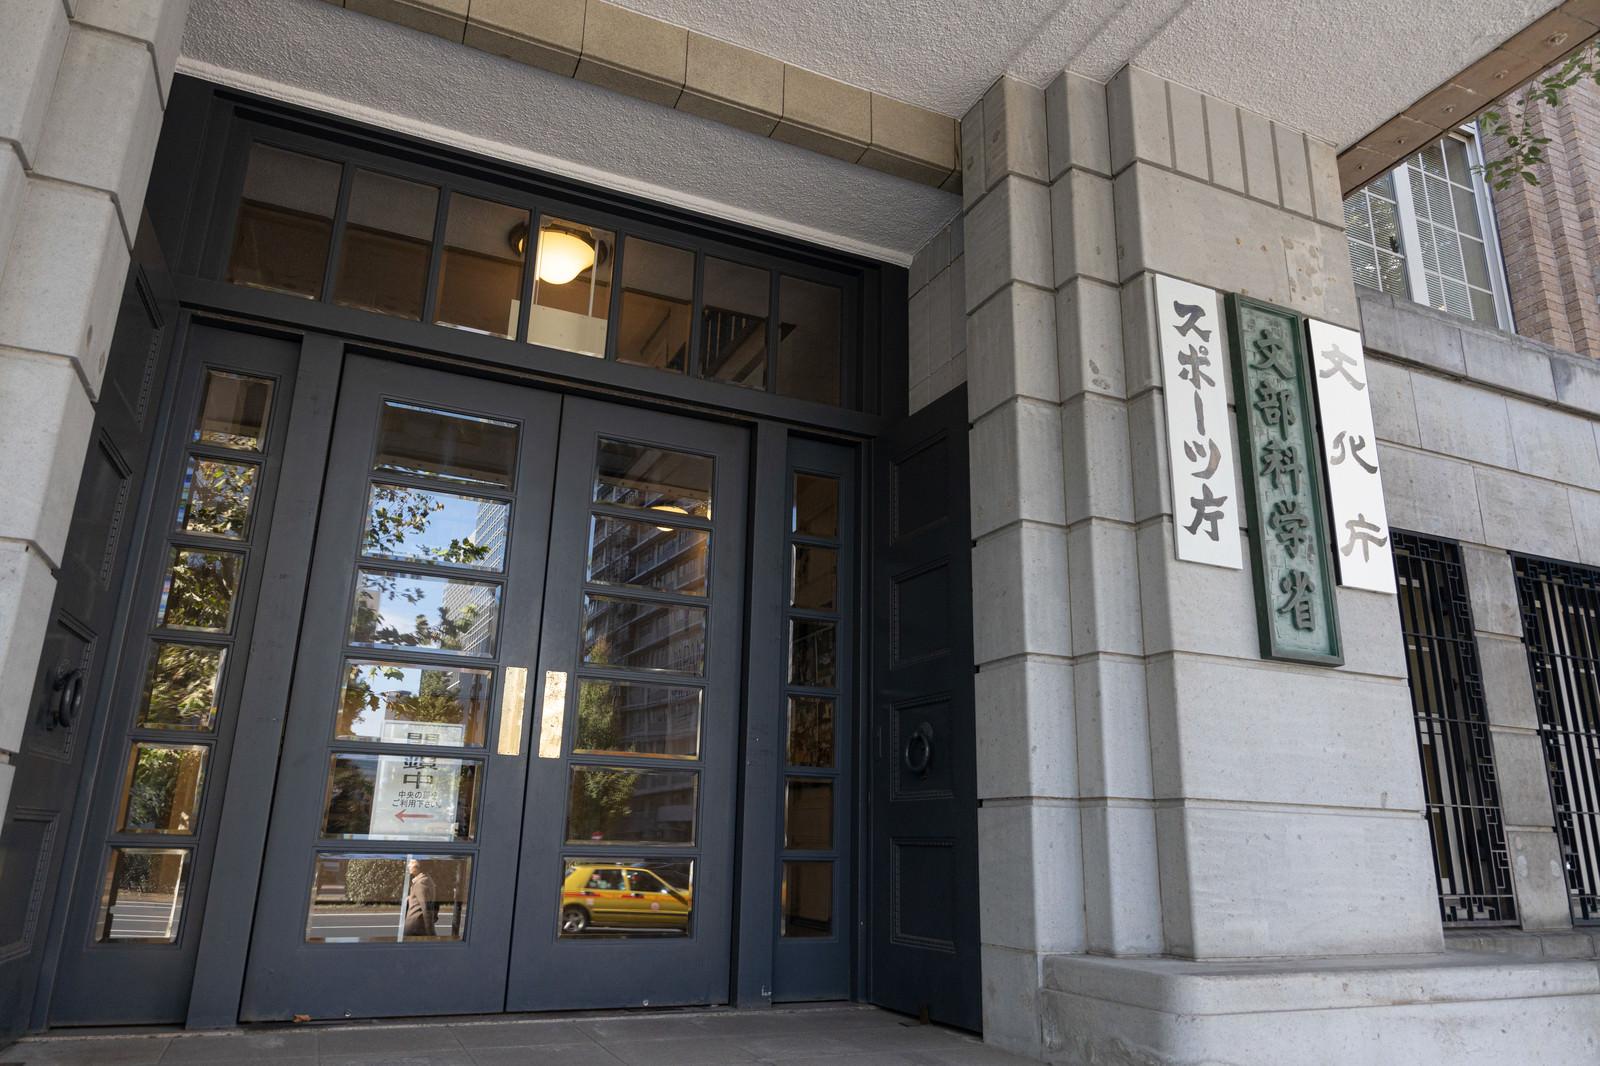 「スポーツ庁と文部科学省と文化庁の出入り口」の写真